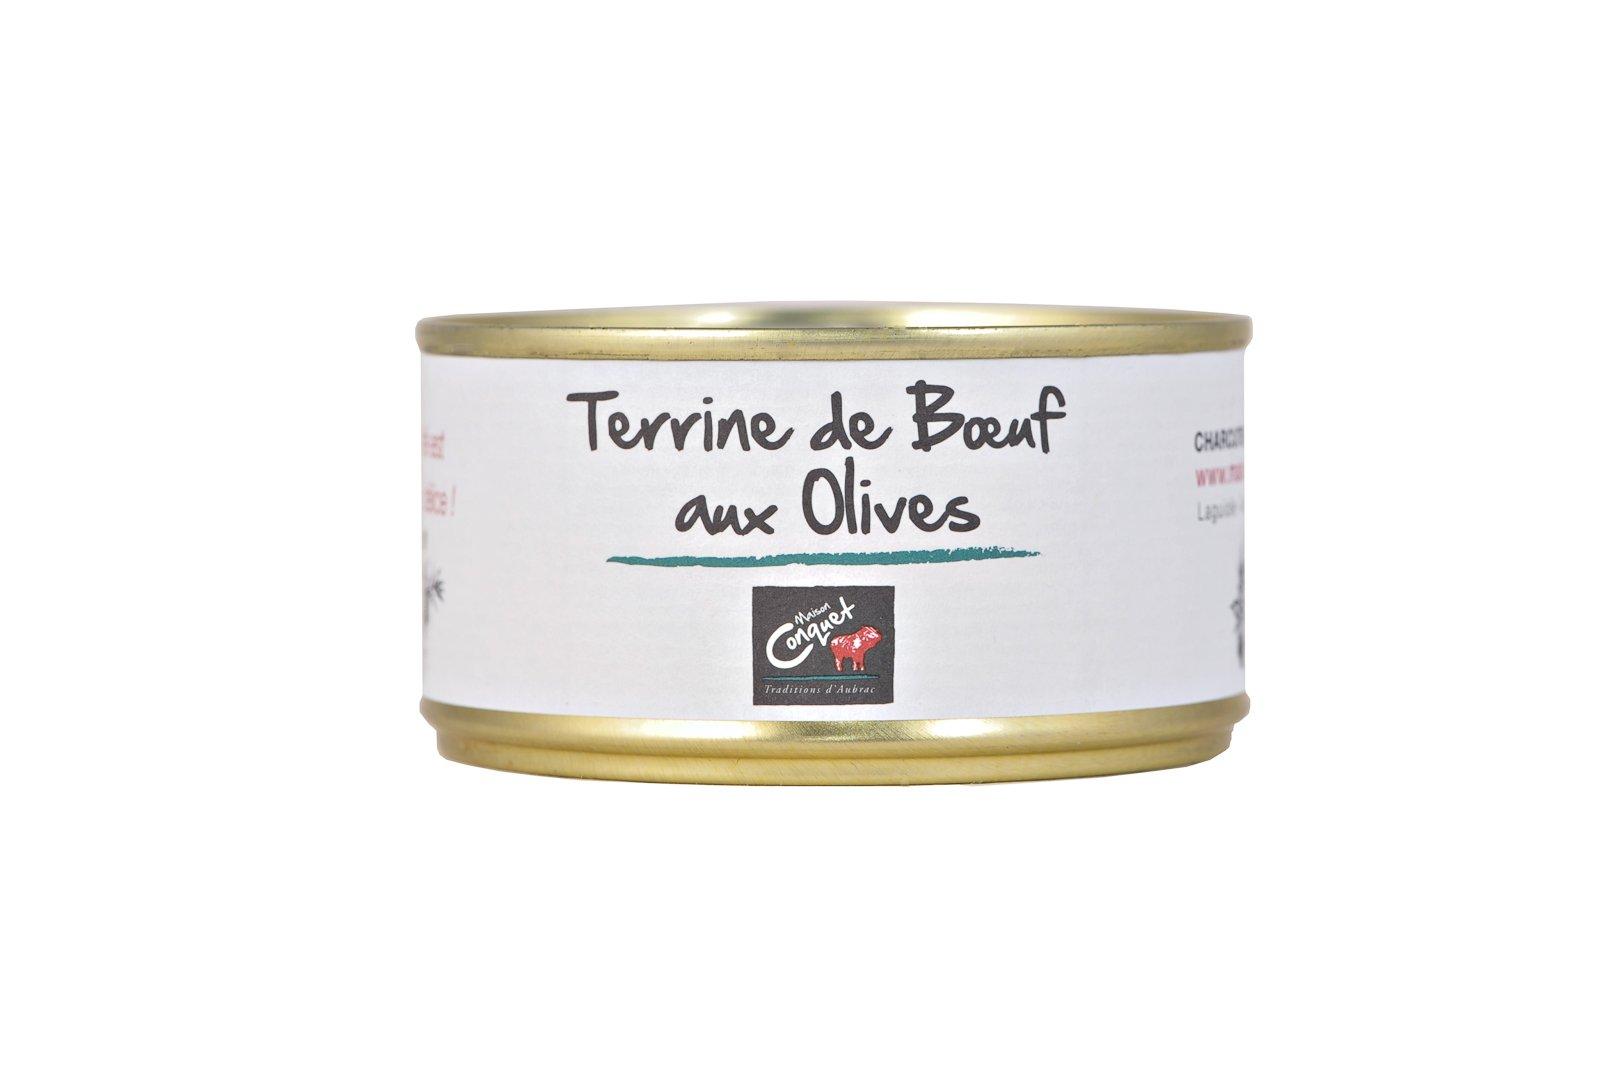 07-terrine de boeuf aux olives